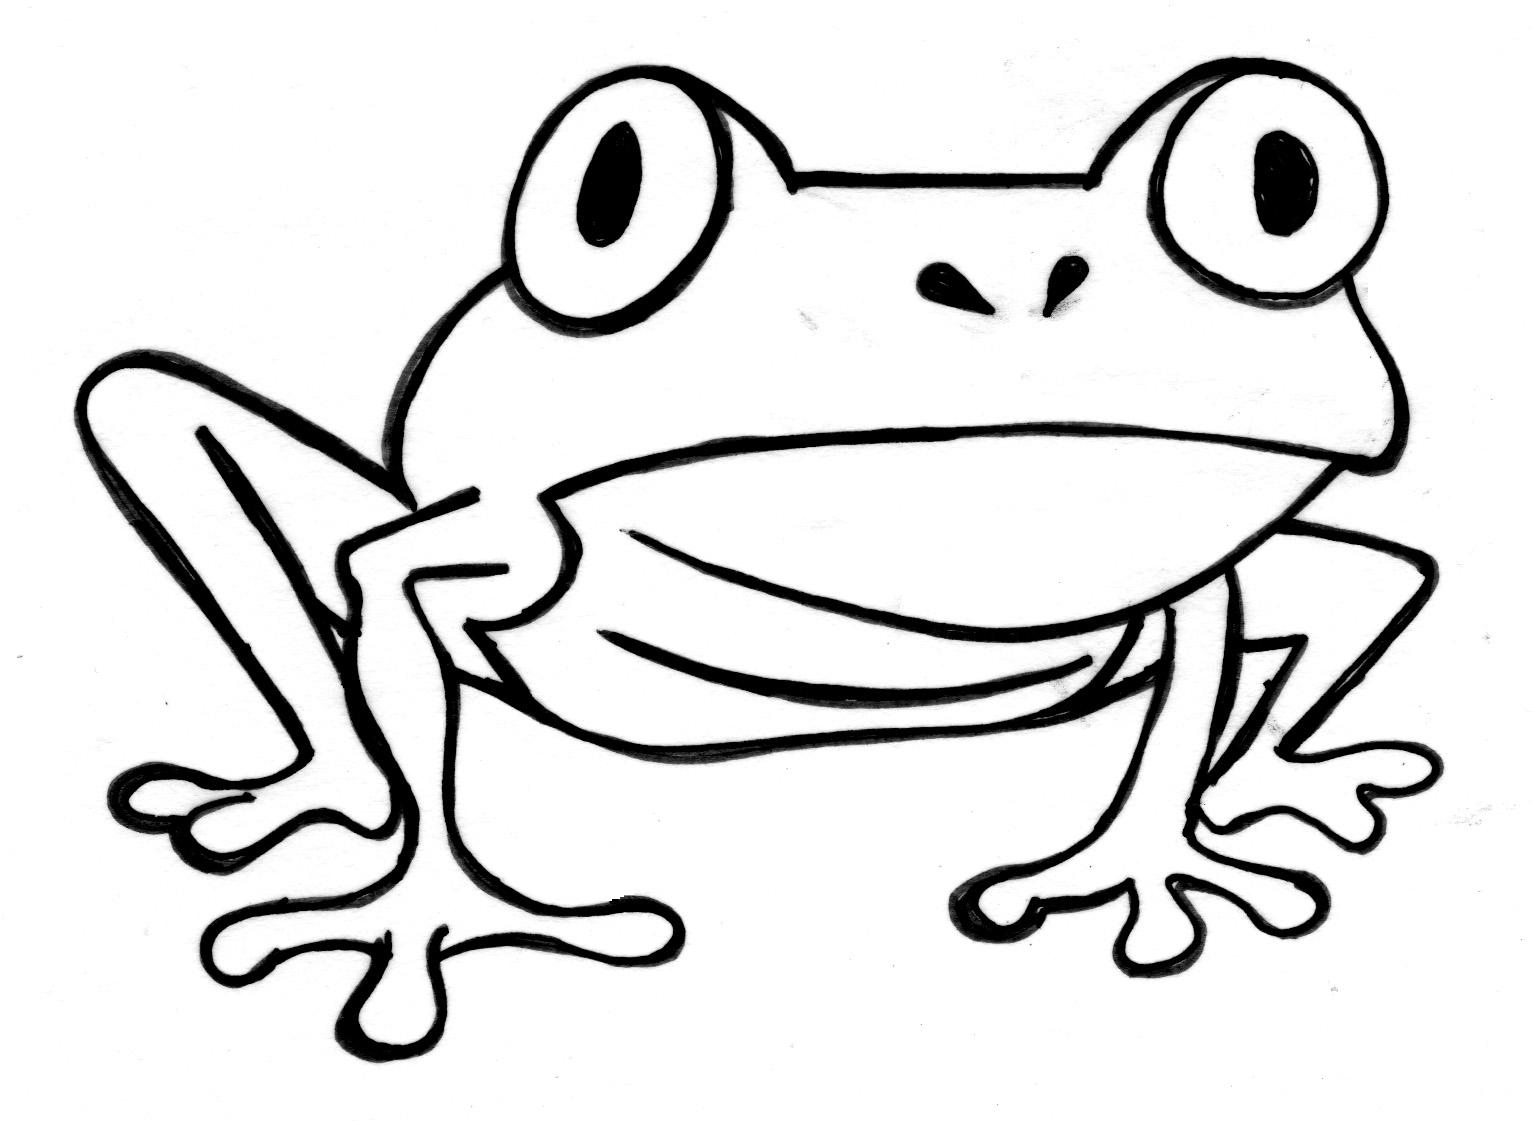 Cute Tree Frog Drawings